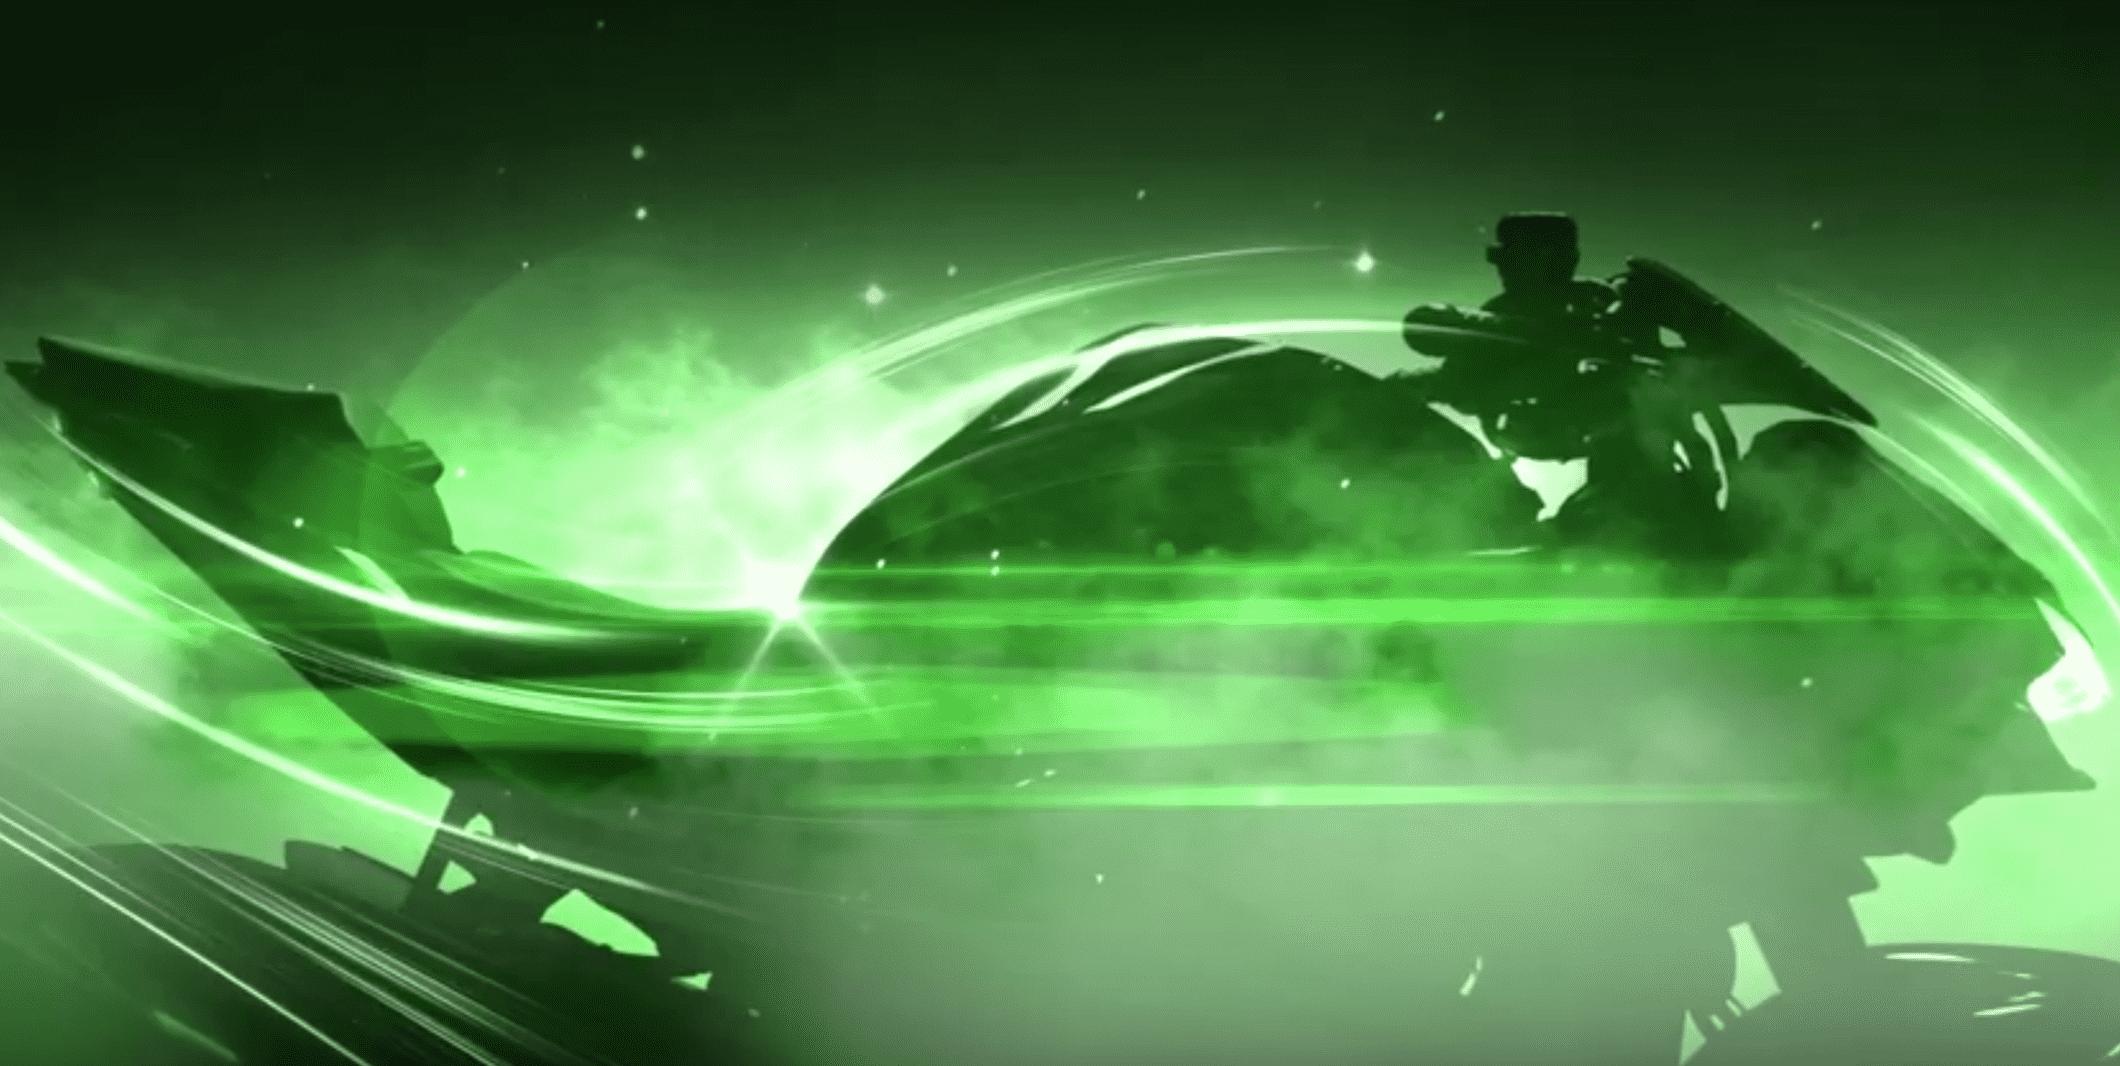 スーパーチャージャー搭載のストリートファイター版H2 カワサキ「ZH2」は10月23日公開